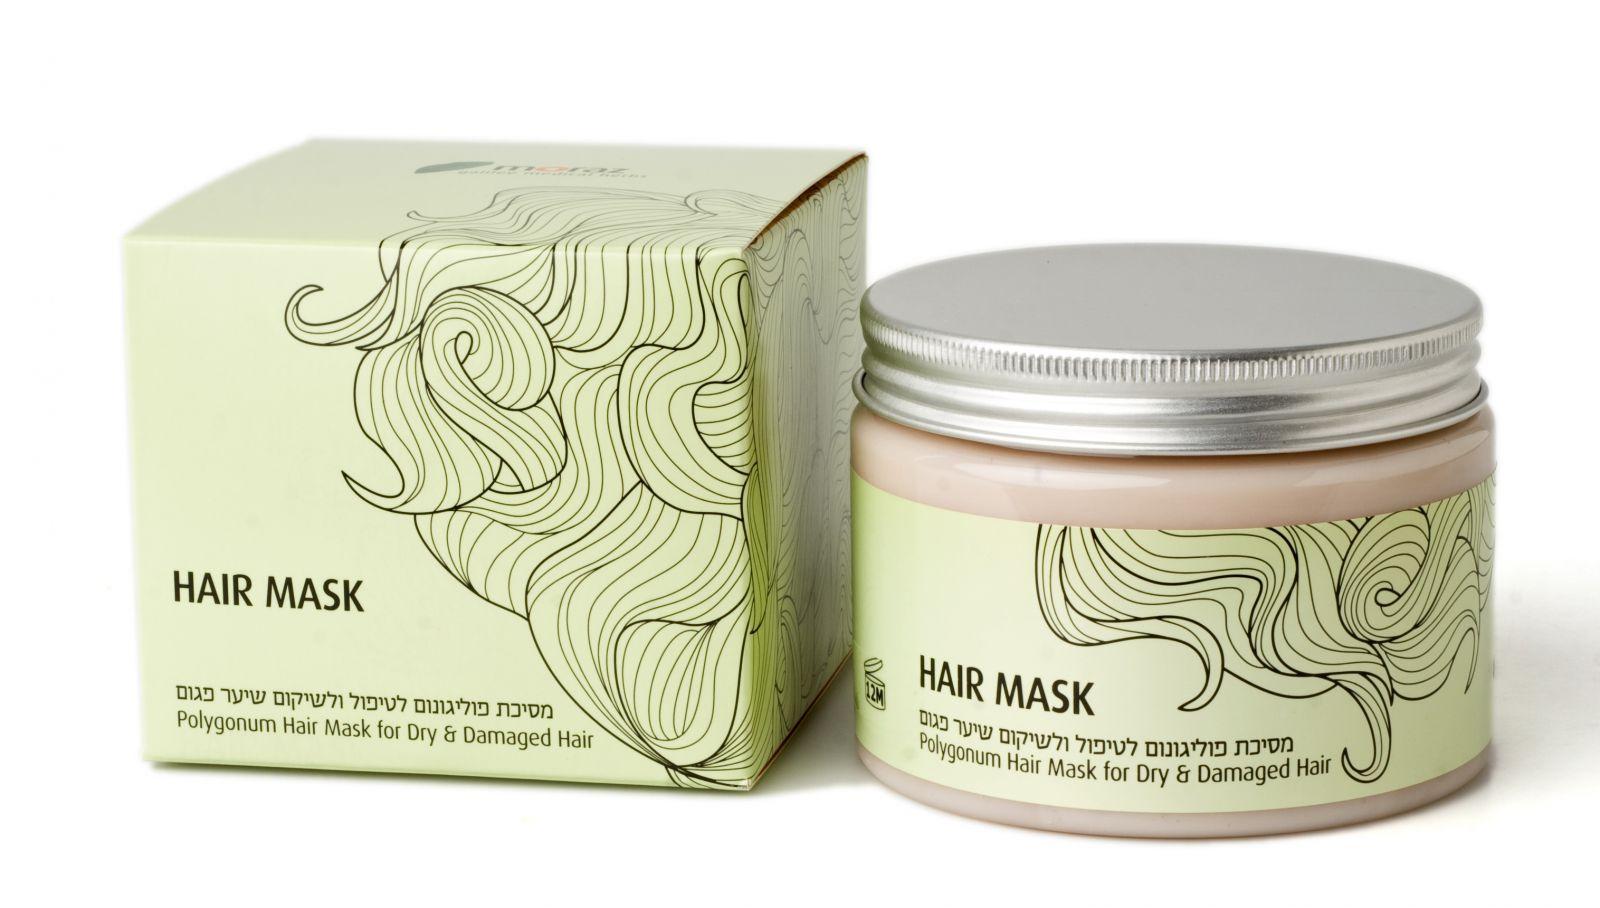 Лечебные маски для волос в аптеке